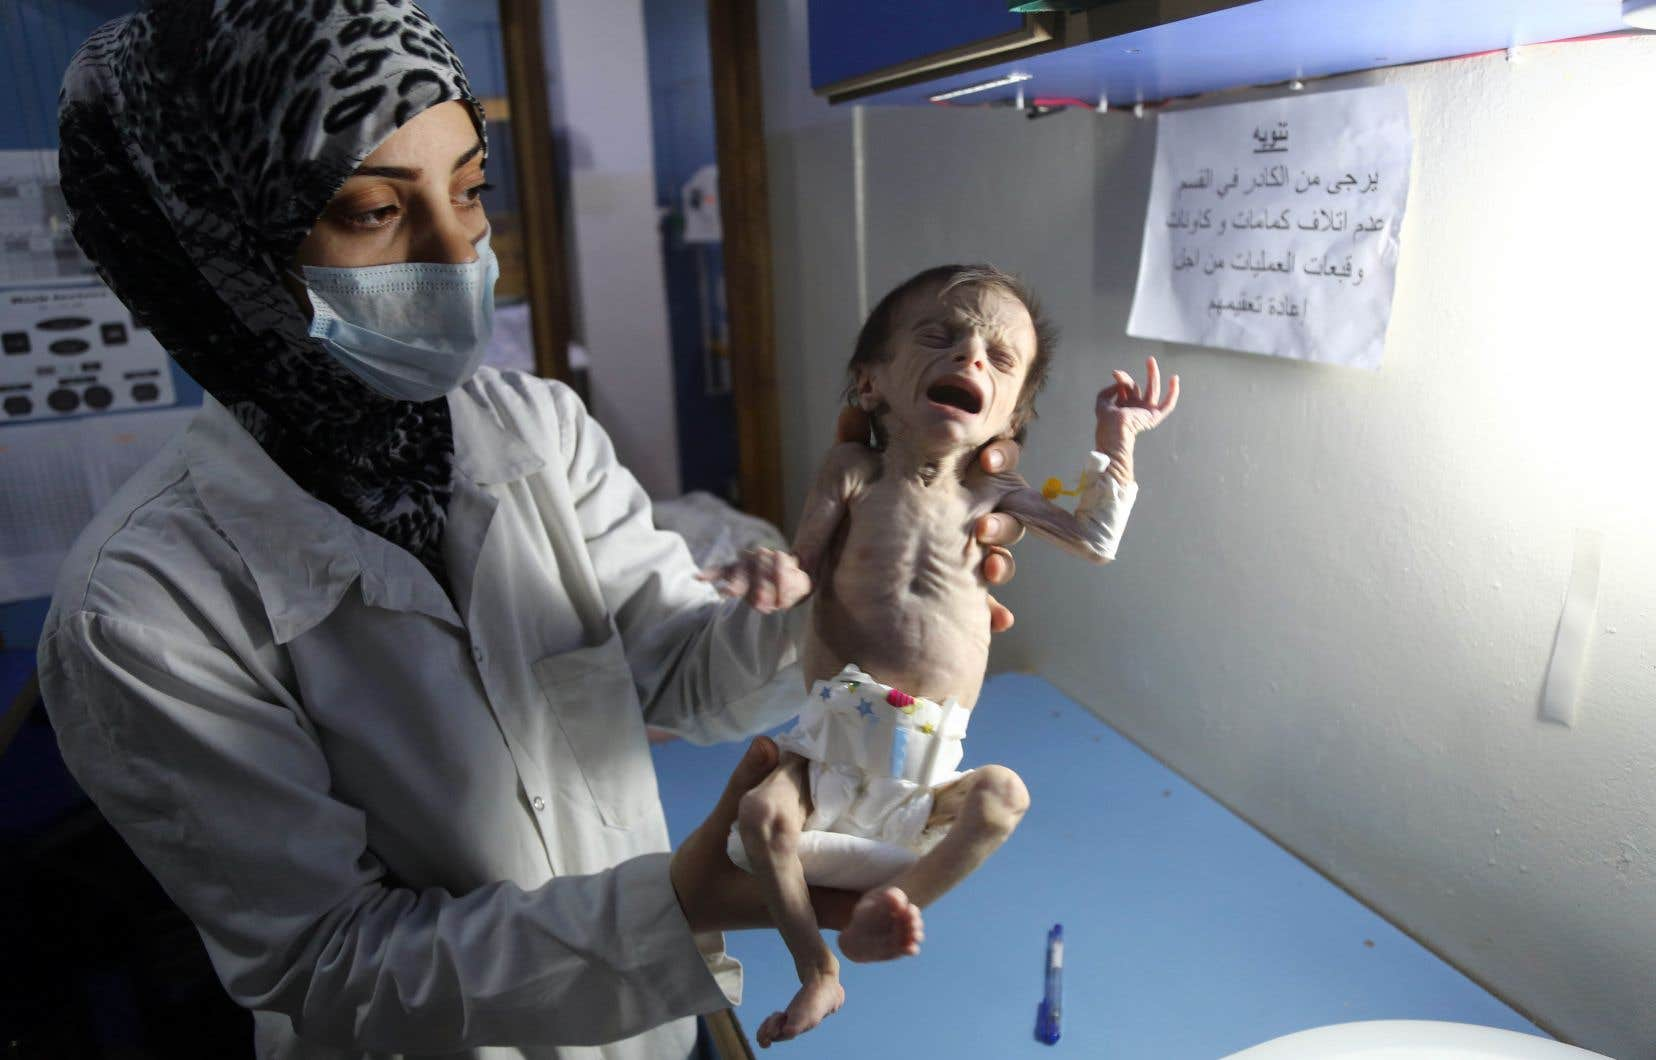 Un nourrisson syrien souffrant de malnutrition sévère est porté par une infirmière dans une clinique de la ville rebelle de Hamouria, dans la région orientale de la Ghouta, à la périphérie de la capitale Damas, le 21 octobre 2017.